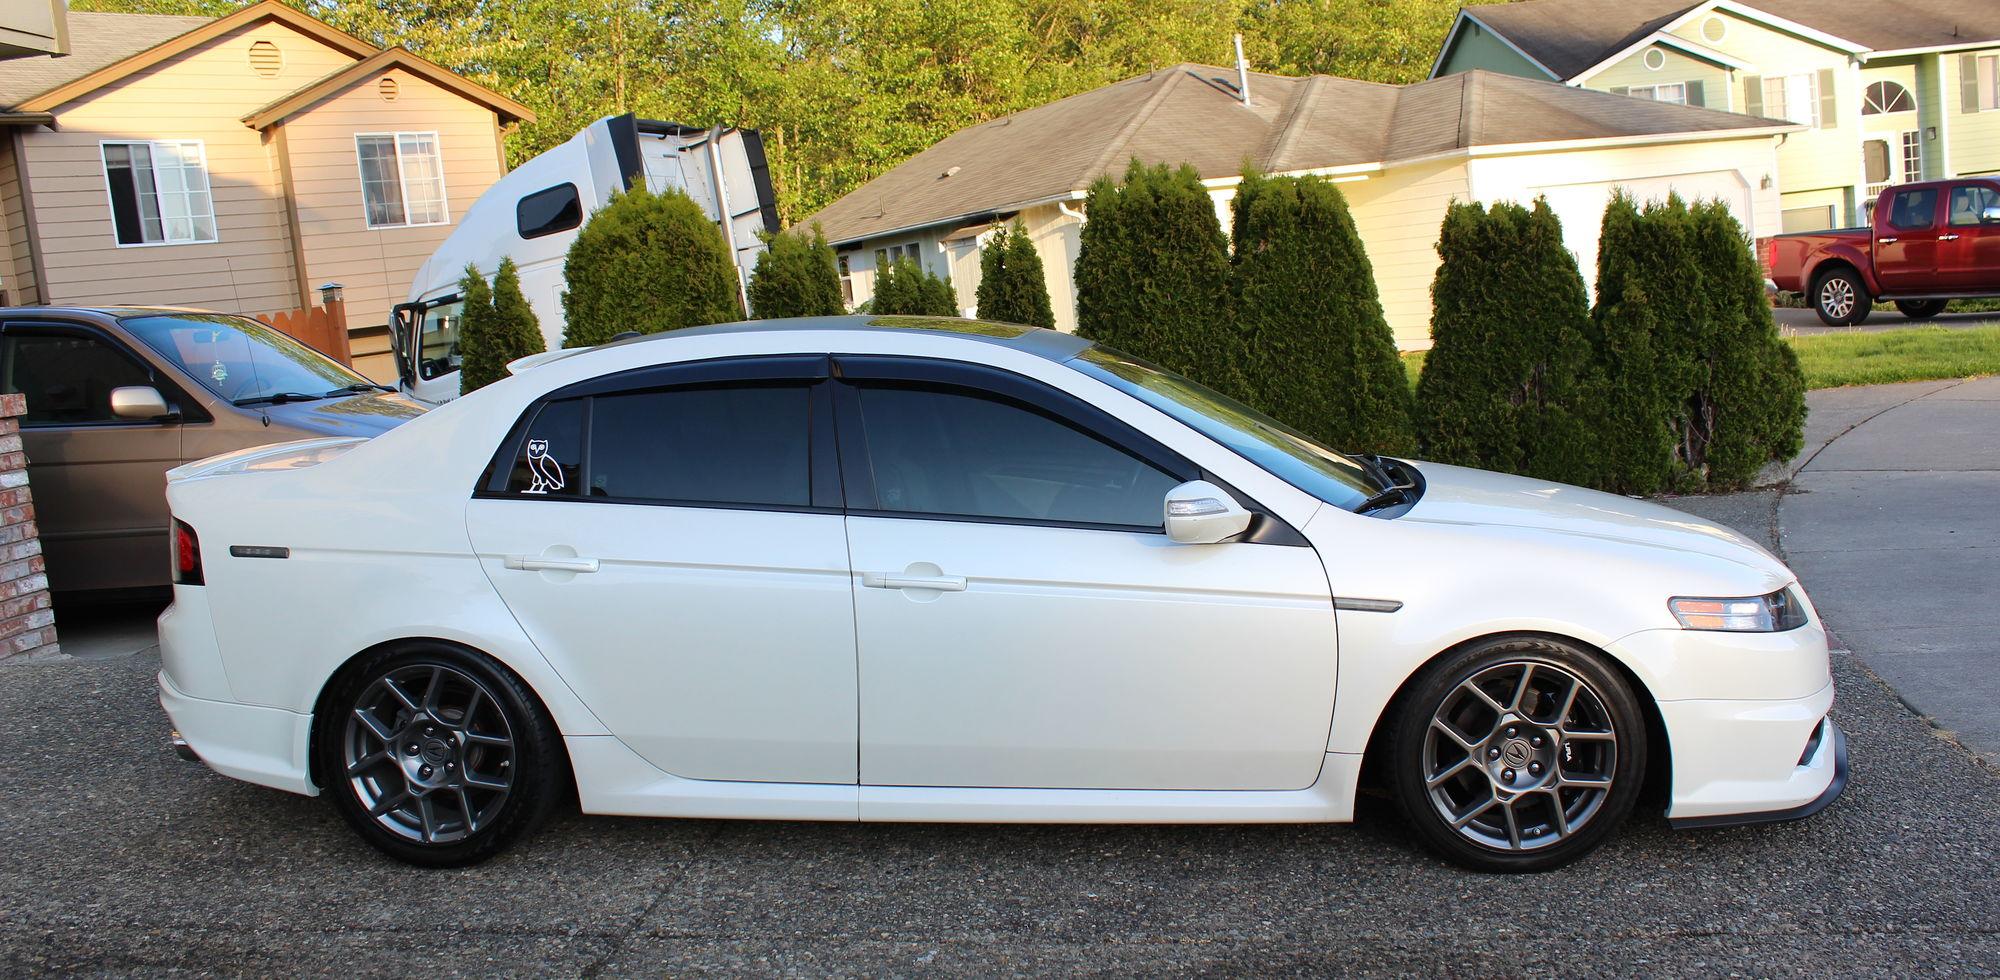 2008 Tl Type S Wdp Progress Thread Acurazine Acura